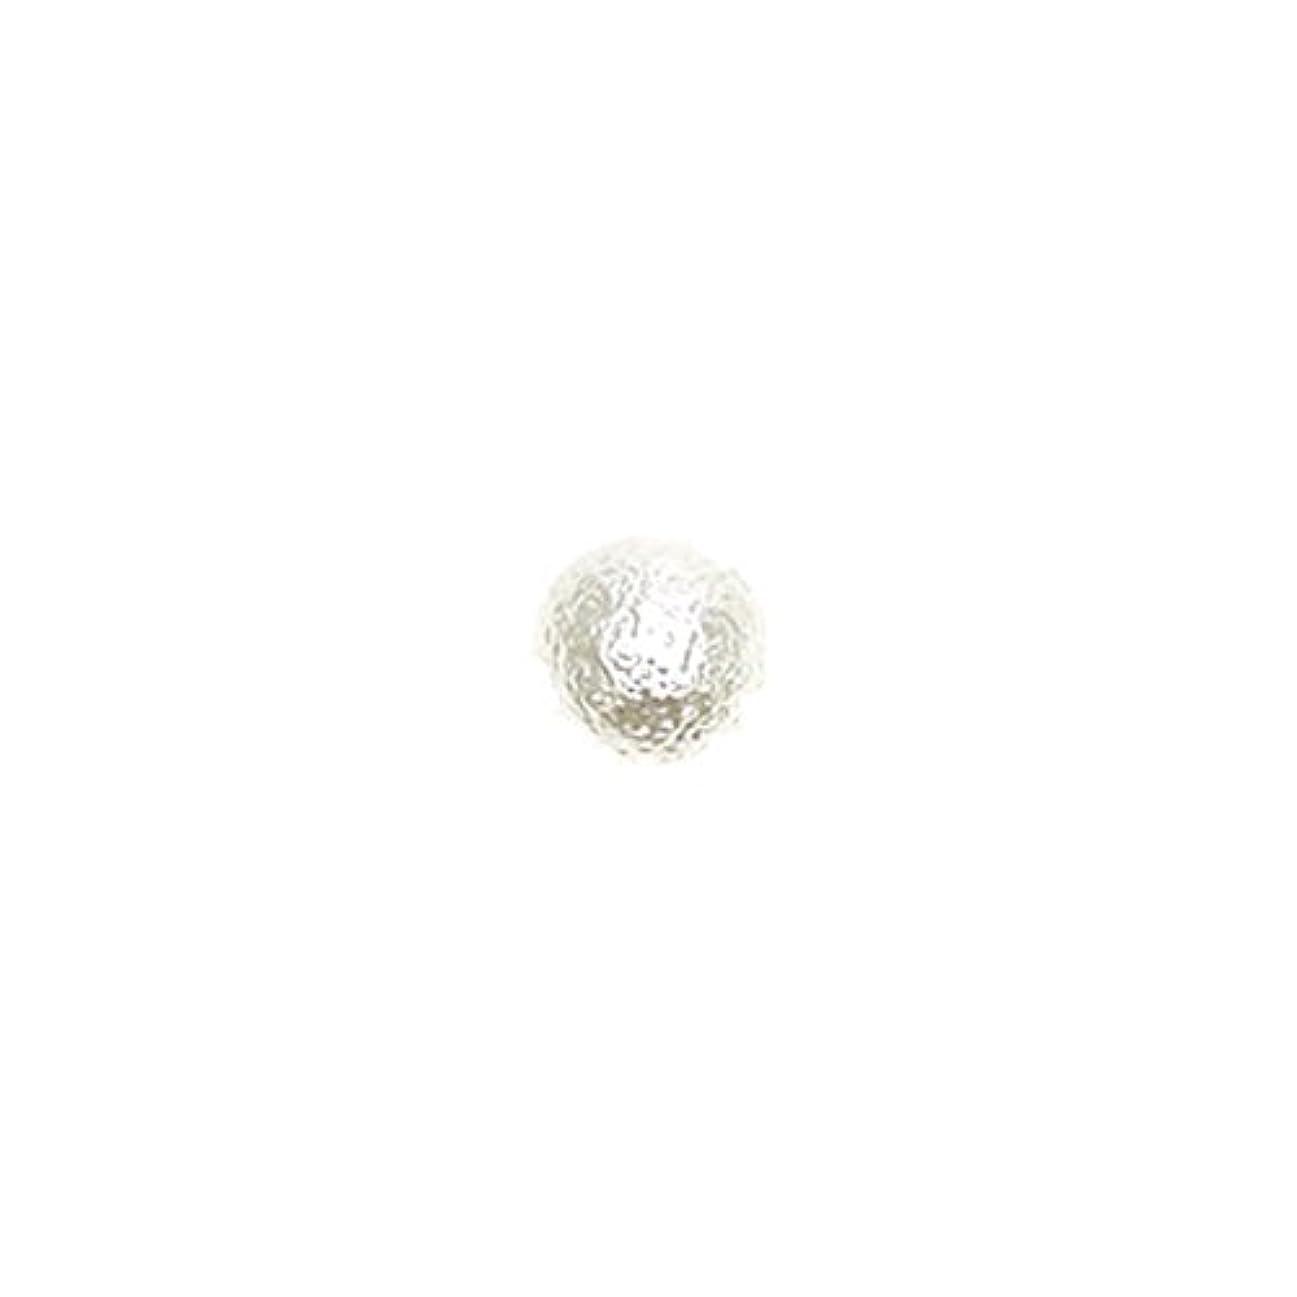 神火山フォームirogel イロジェル ネイルパーツ コットンパール【ホワイト 4mm】【約10個】